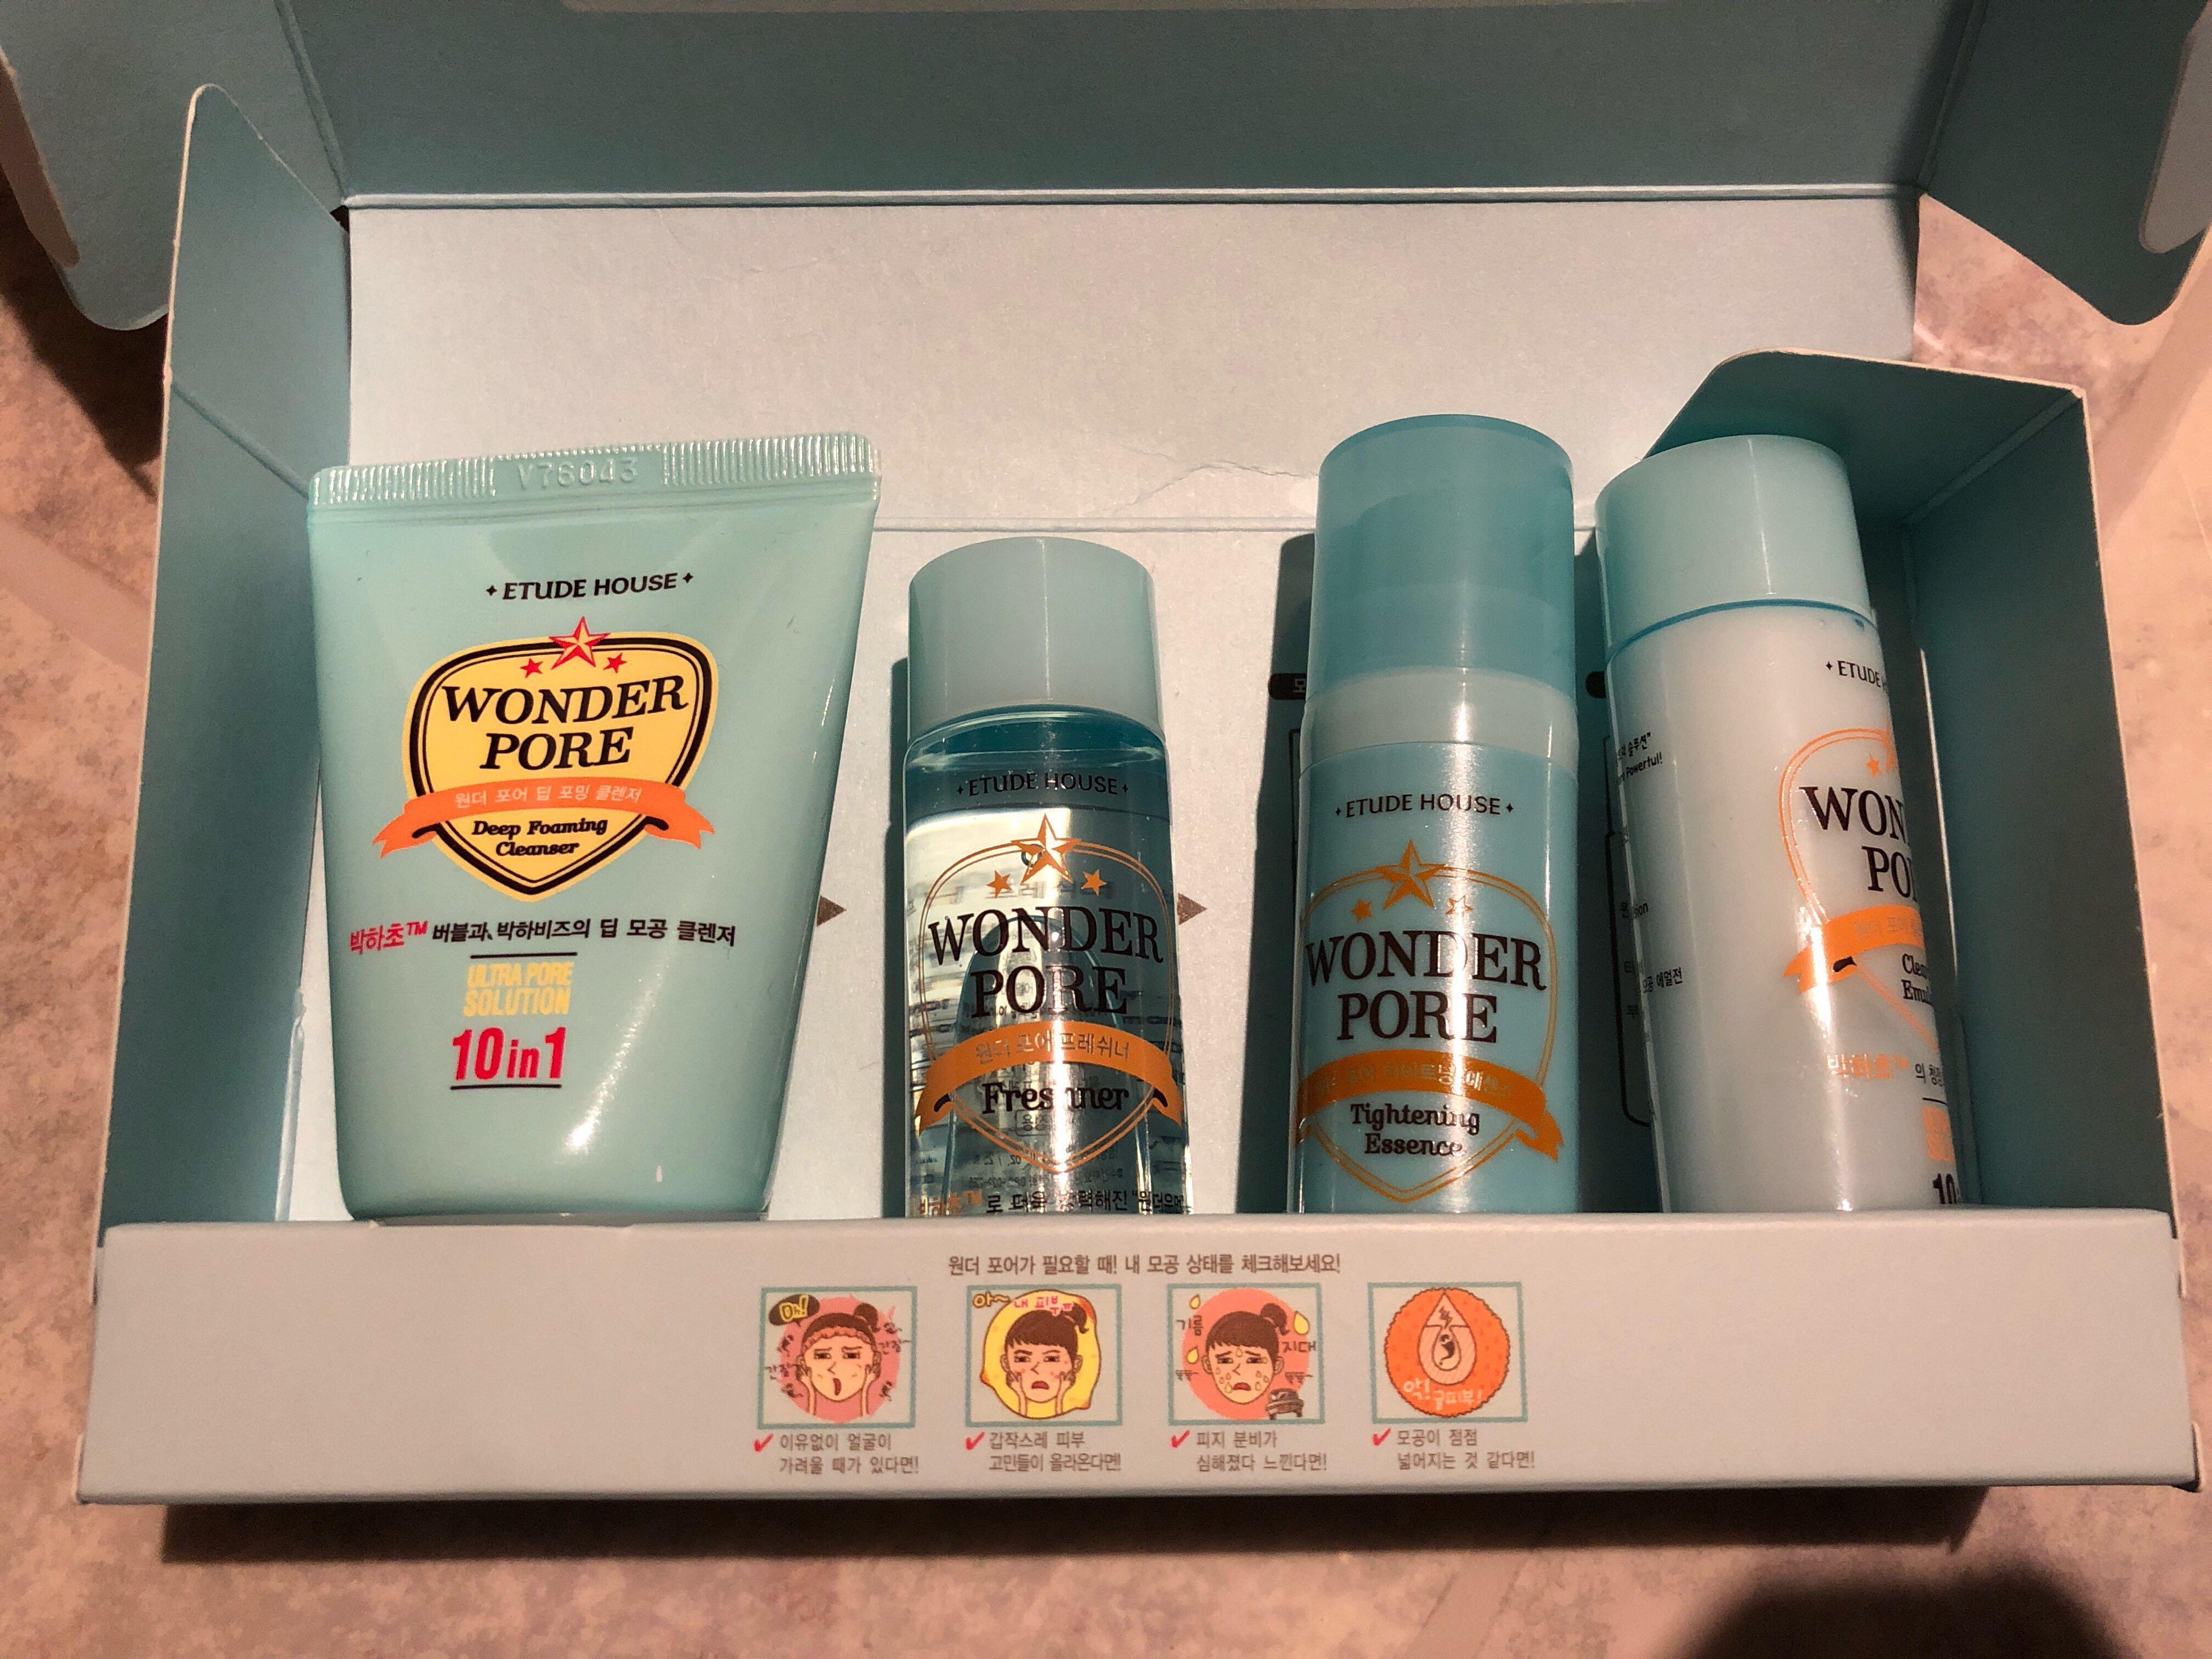 Etude house wonder pore kit cleanser freshener essence emulsion